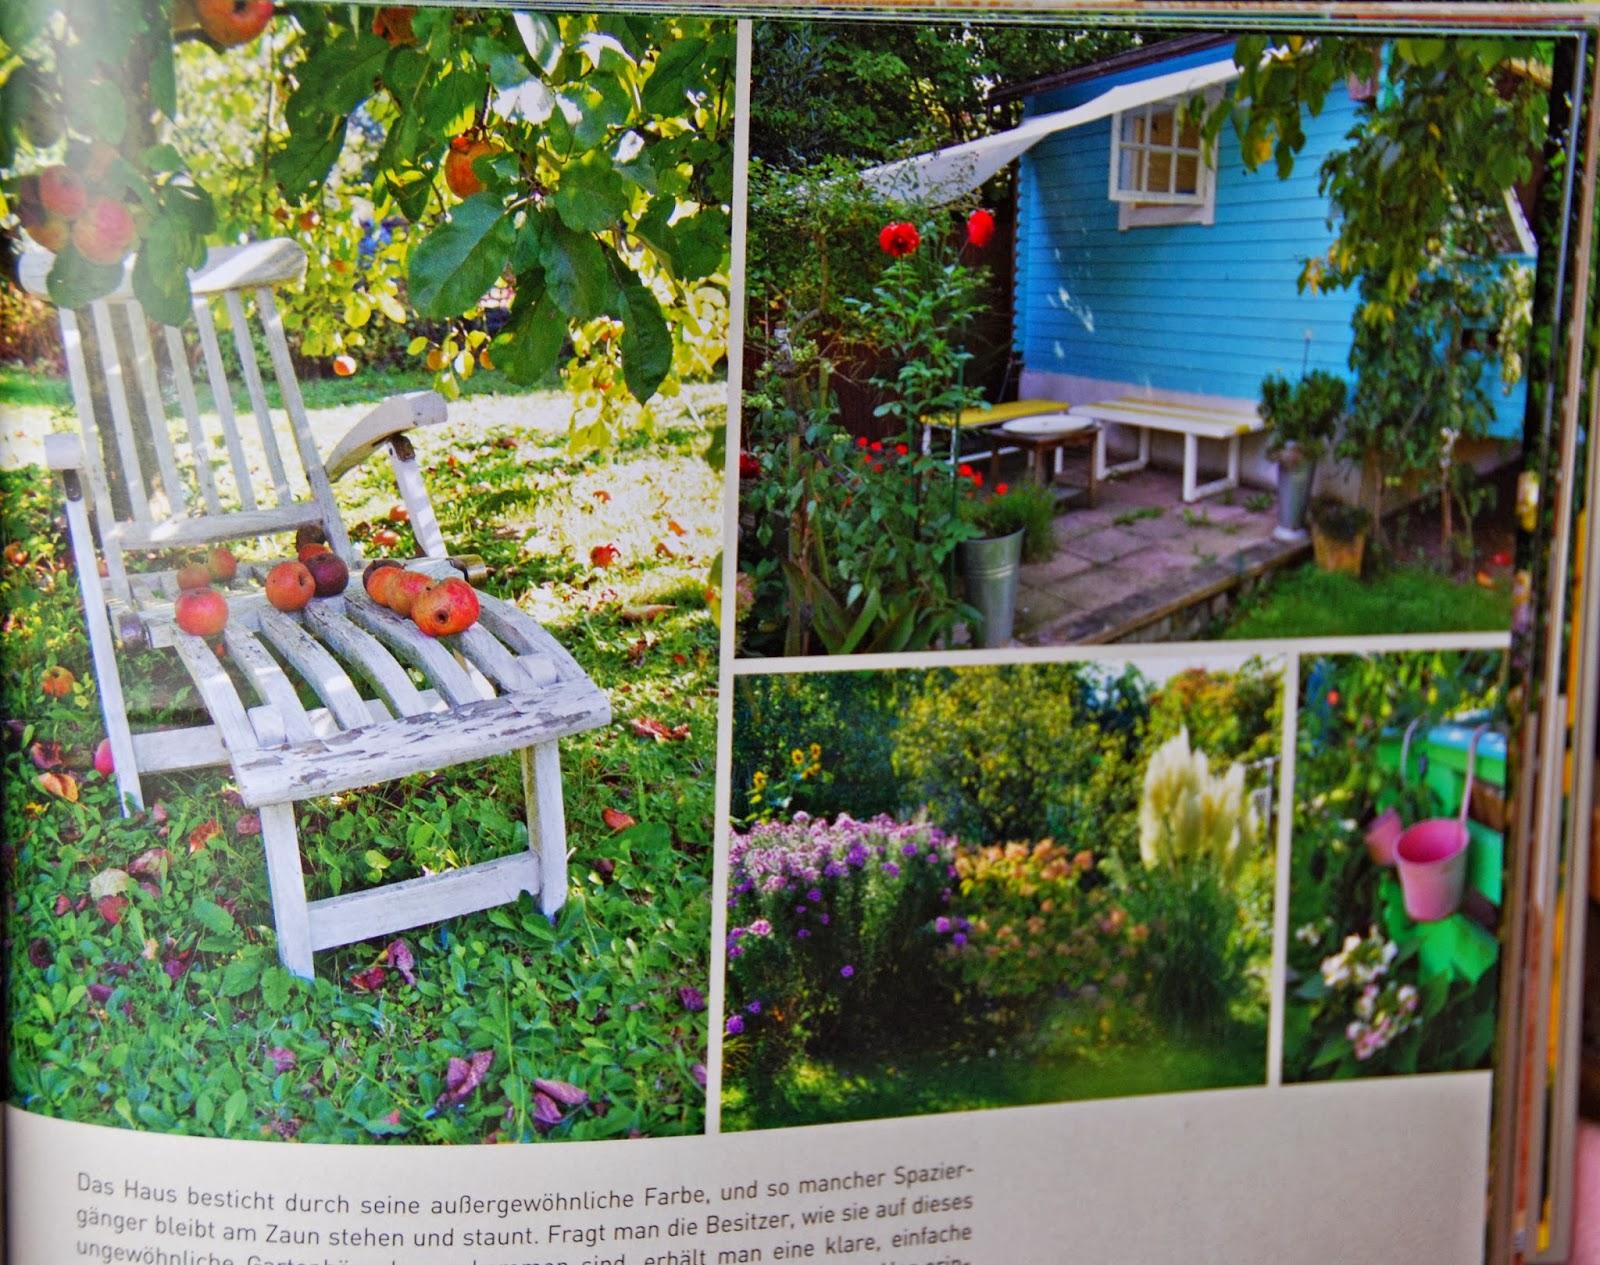 Gartenbuddelei mein sch ner schrebergarten eine - Gartengestaltung schrebergarten ...